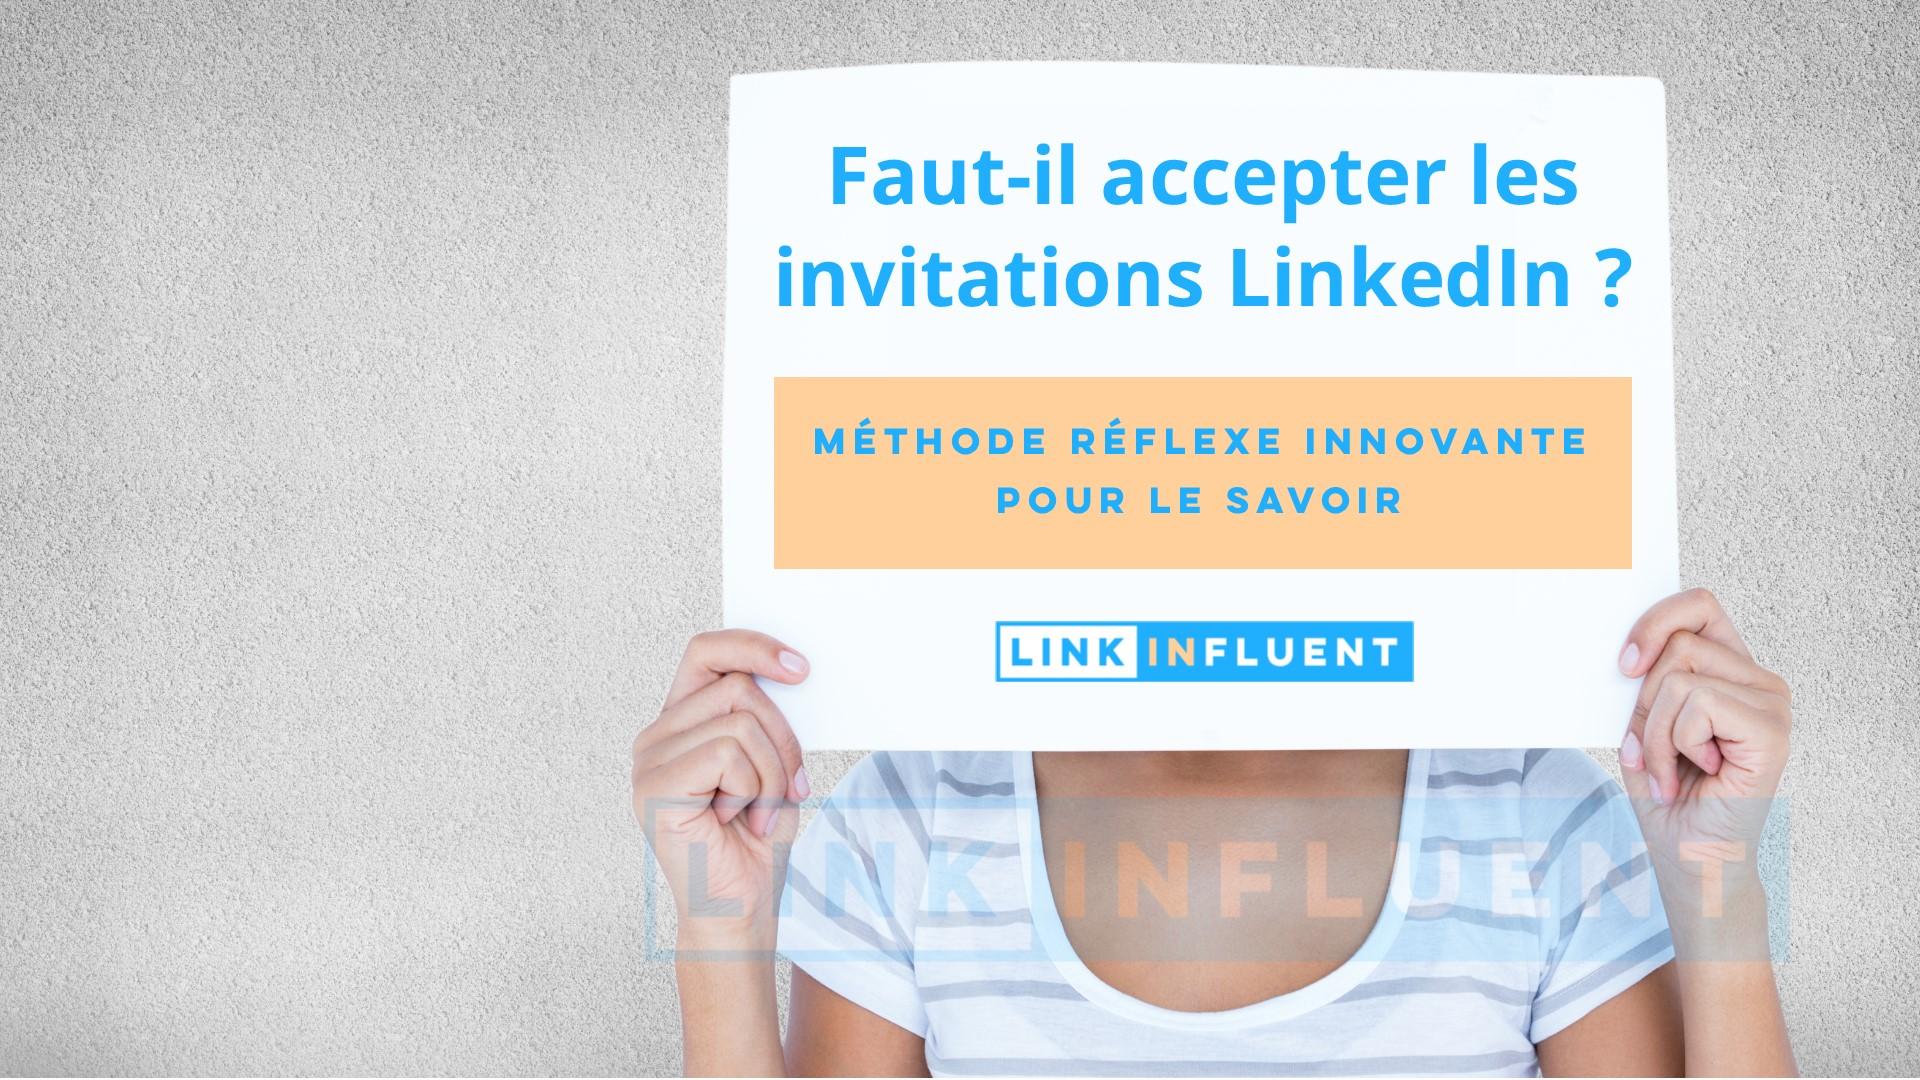 Faut-il accepter les invitations LinkedIn ,